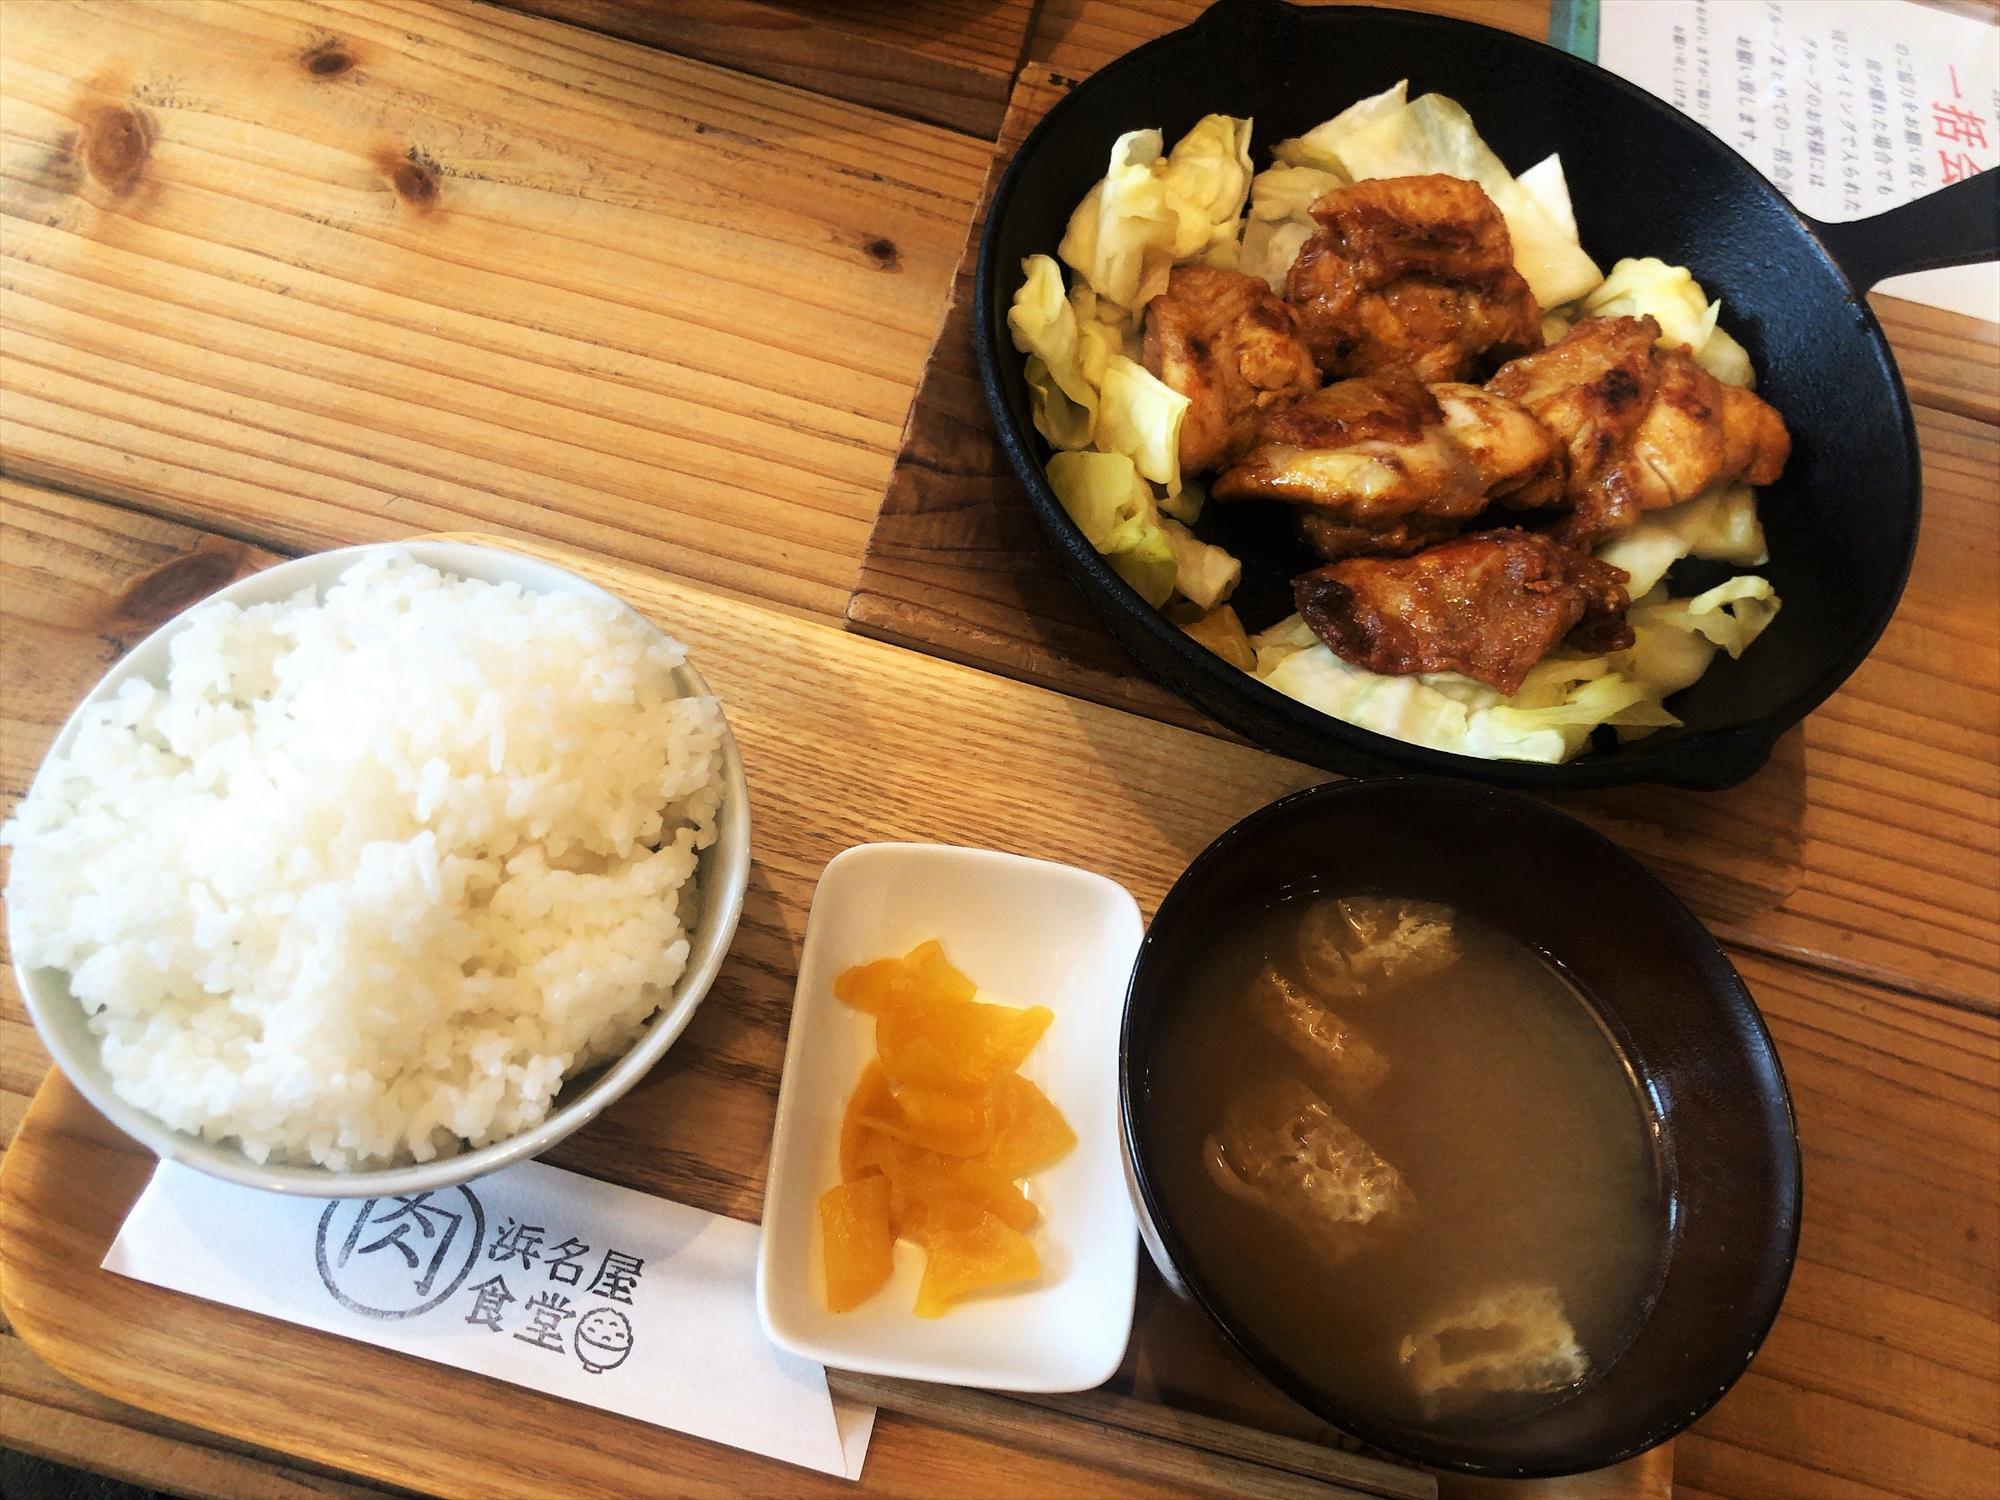 浜名屋食堂「日替わり定食(タンドリーチキン定食、大盛)」